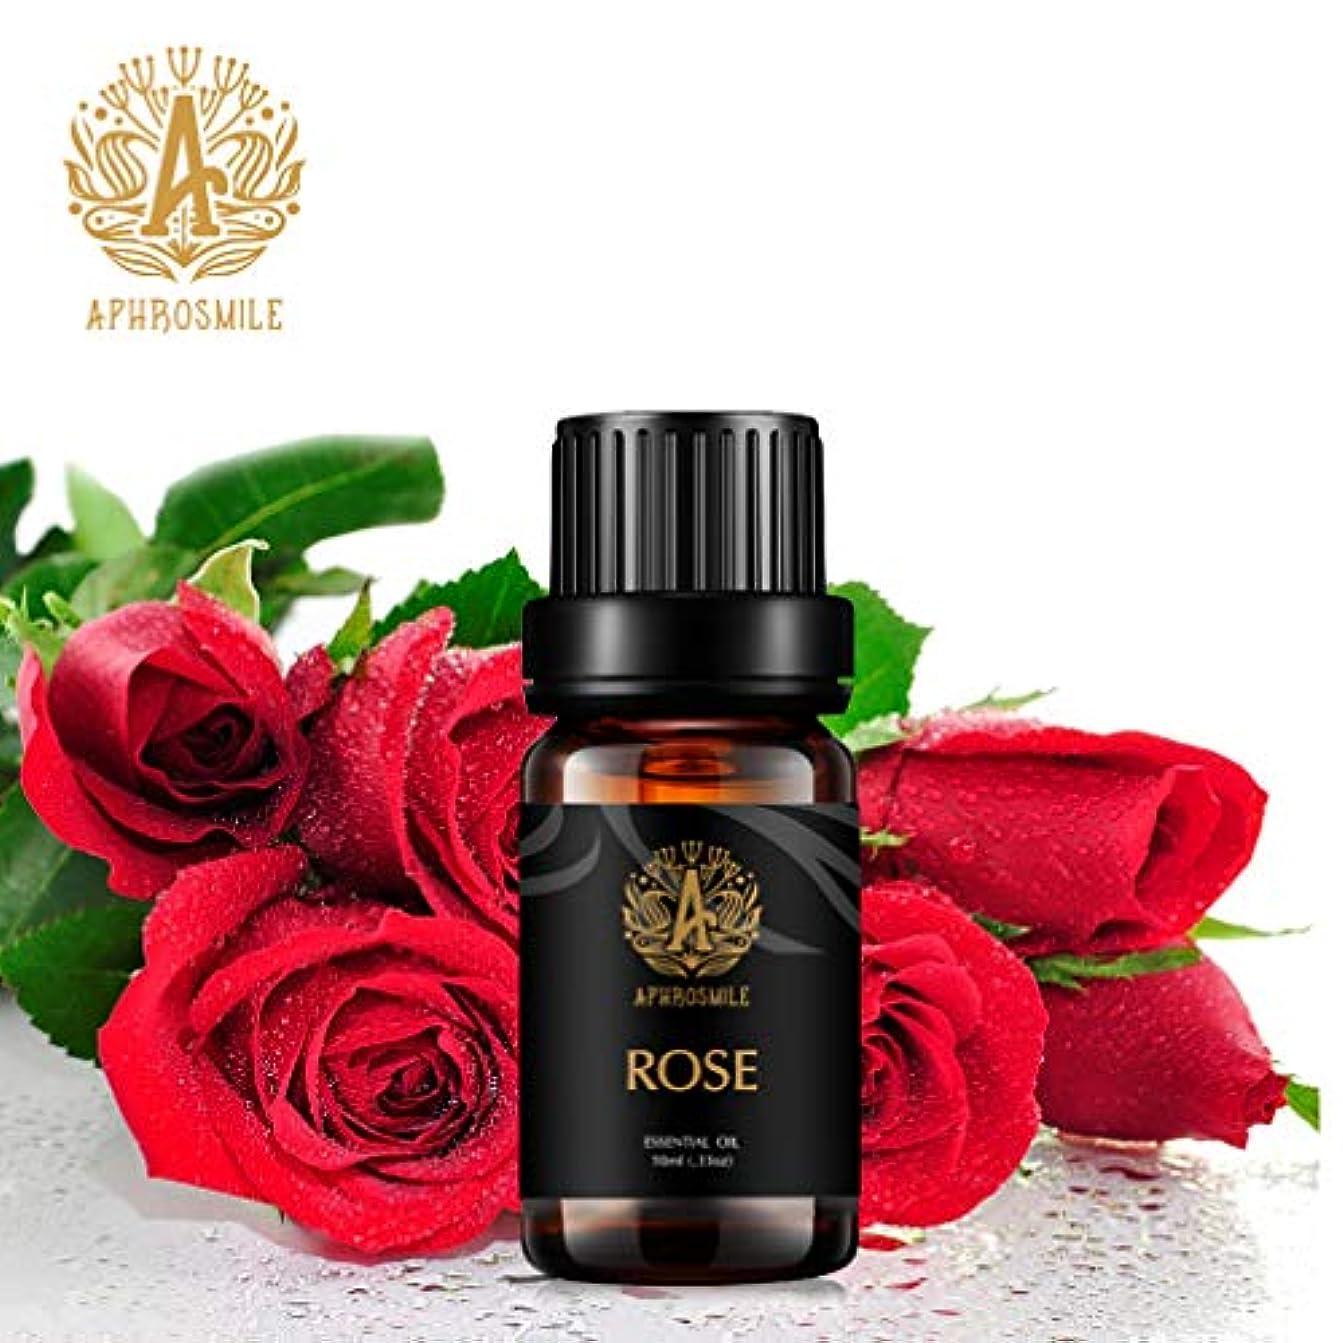 遅滞連想将来のローズエッセンシャルオイル、100%ピュアアロマセラピーエッセンシャルオイルローズの香り、肌に栄養を与え、治療用グレードエッセンシャルオイルローズの香り、為にディフューザー、マッサージ、加湿器、デイリーケア、0.33オンス...